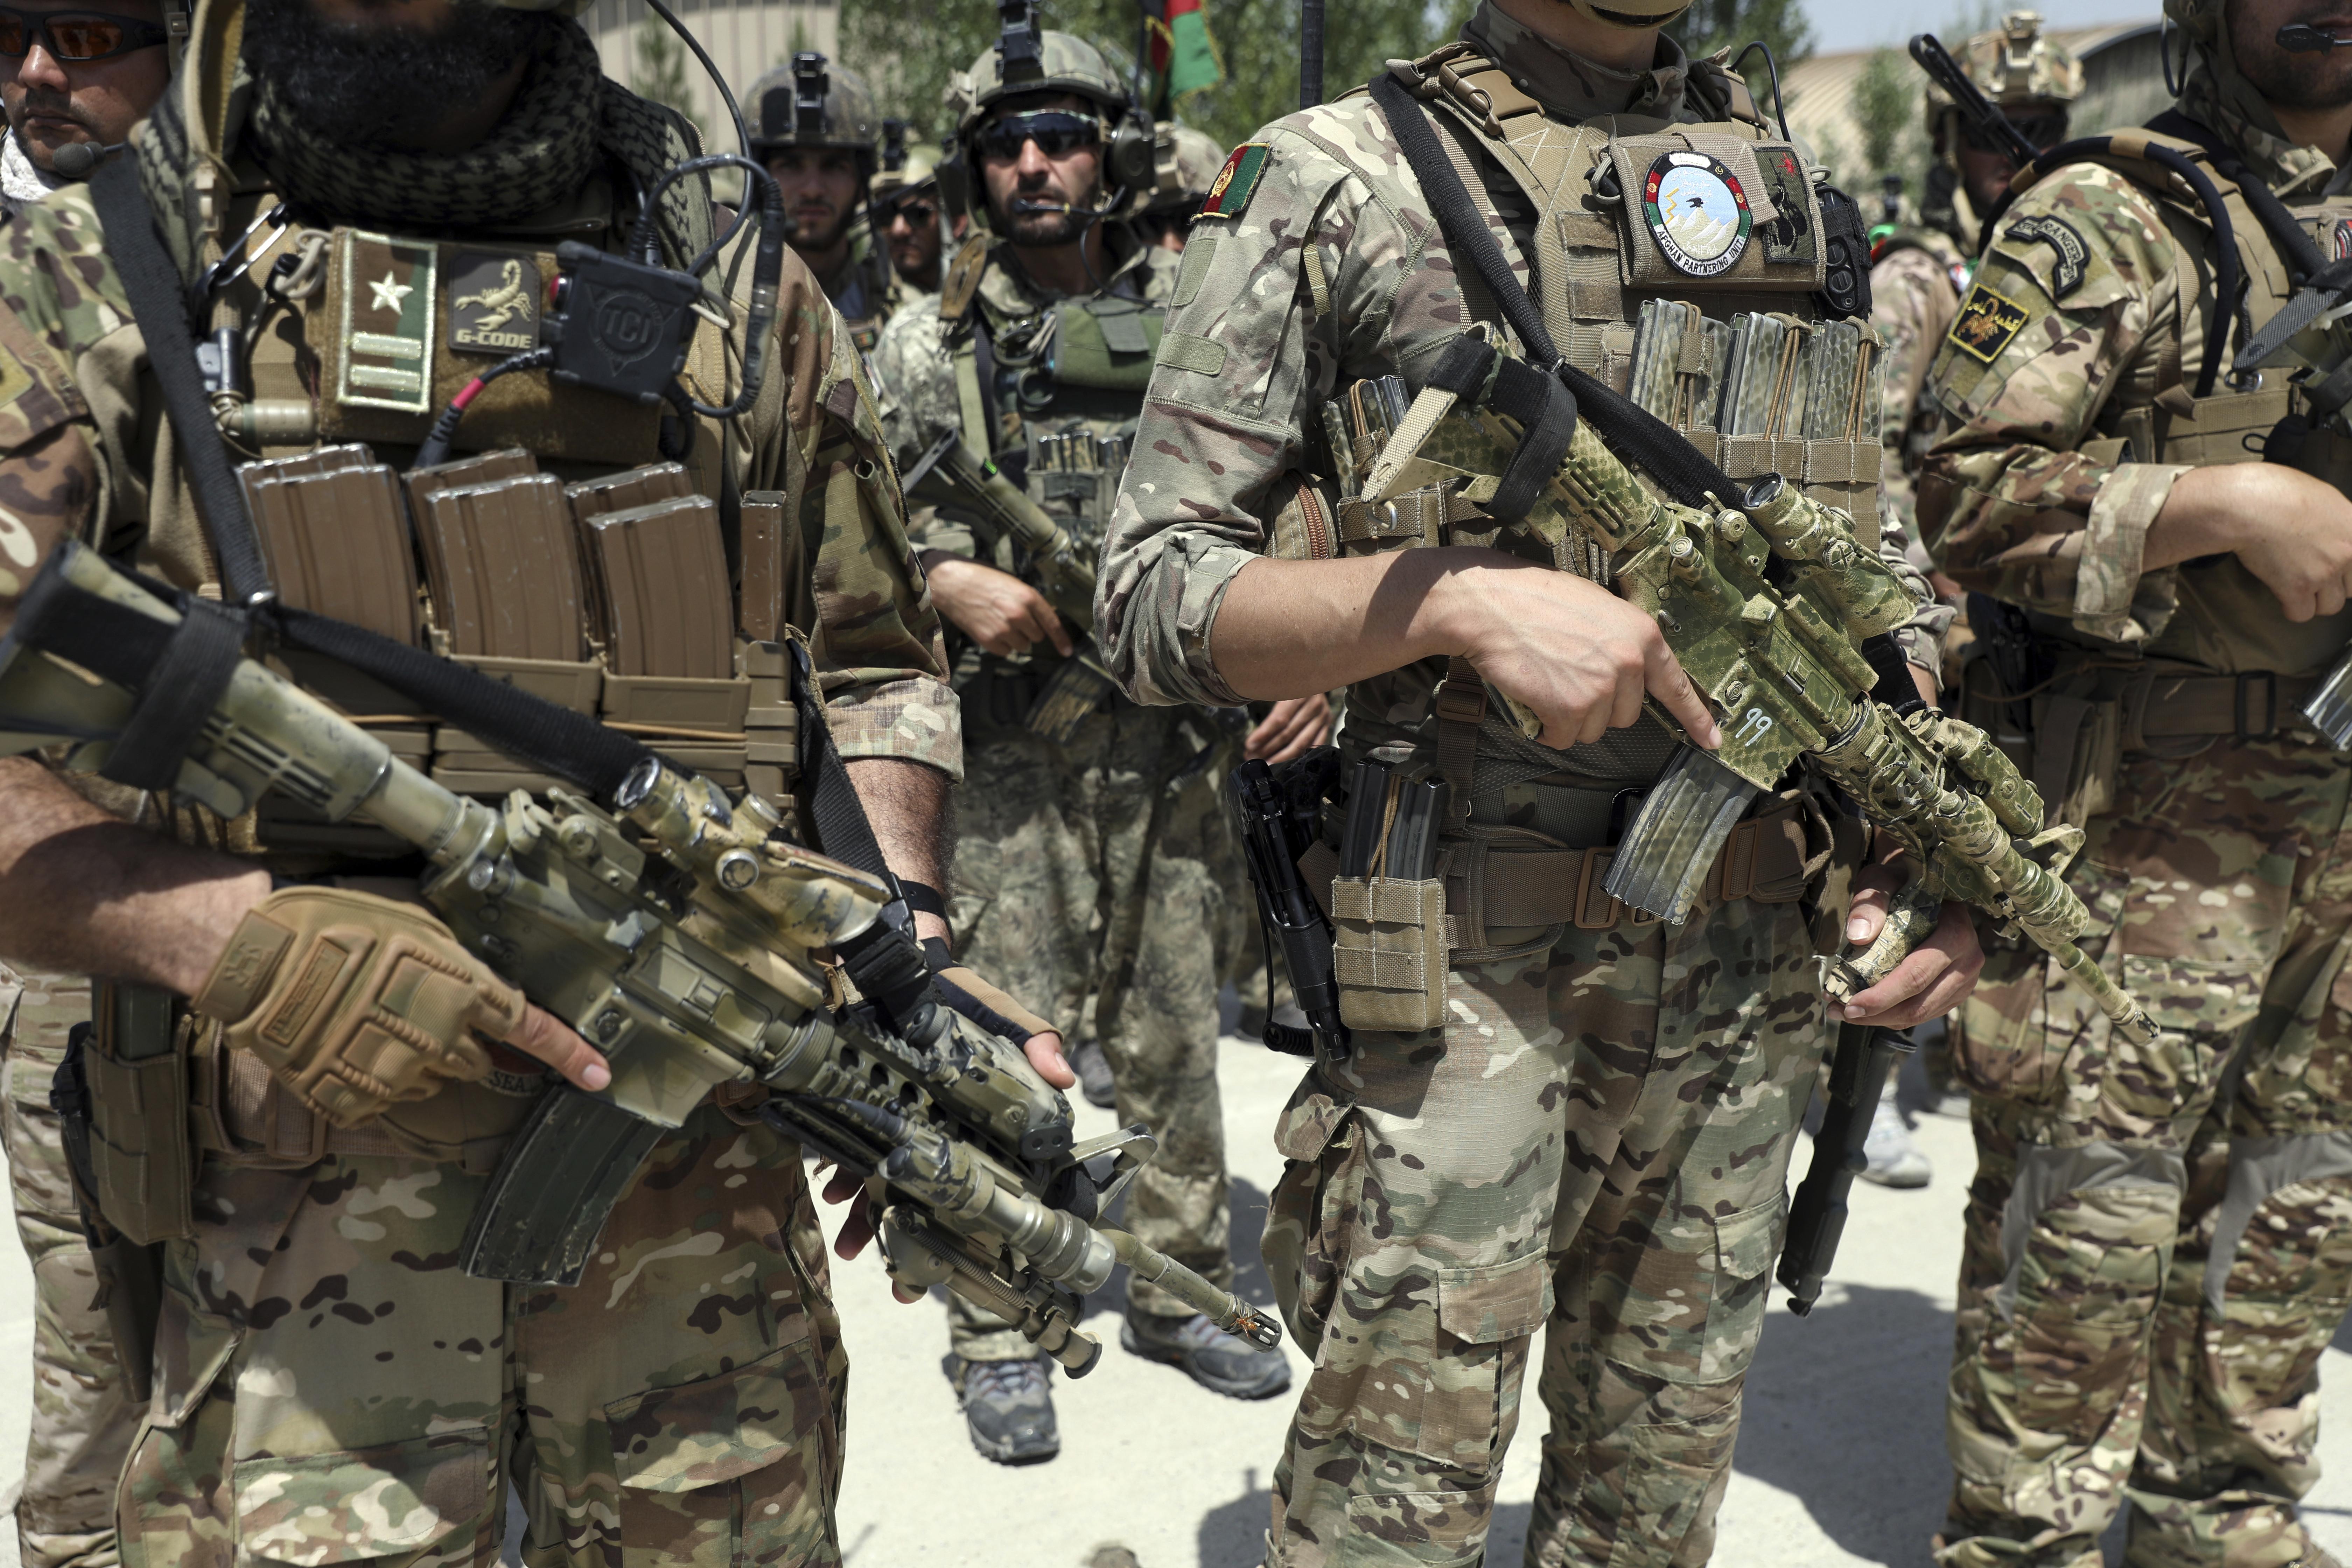 阿富汗,塔利班,喀布爾,戰爭,中東政治,共和黨,民主黨,部落政治,台灣,美國,美軍